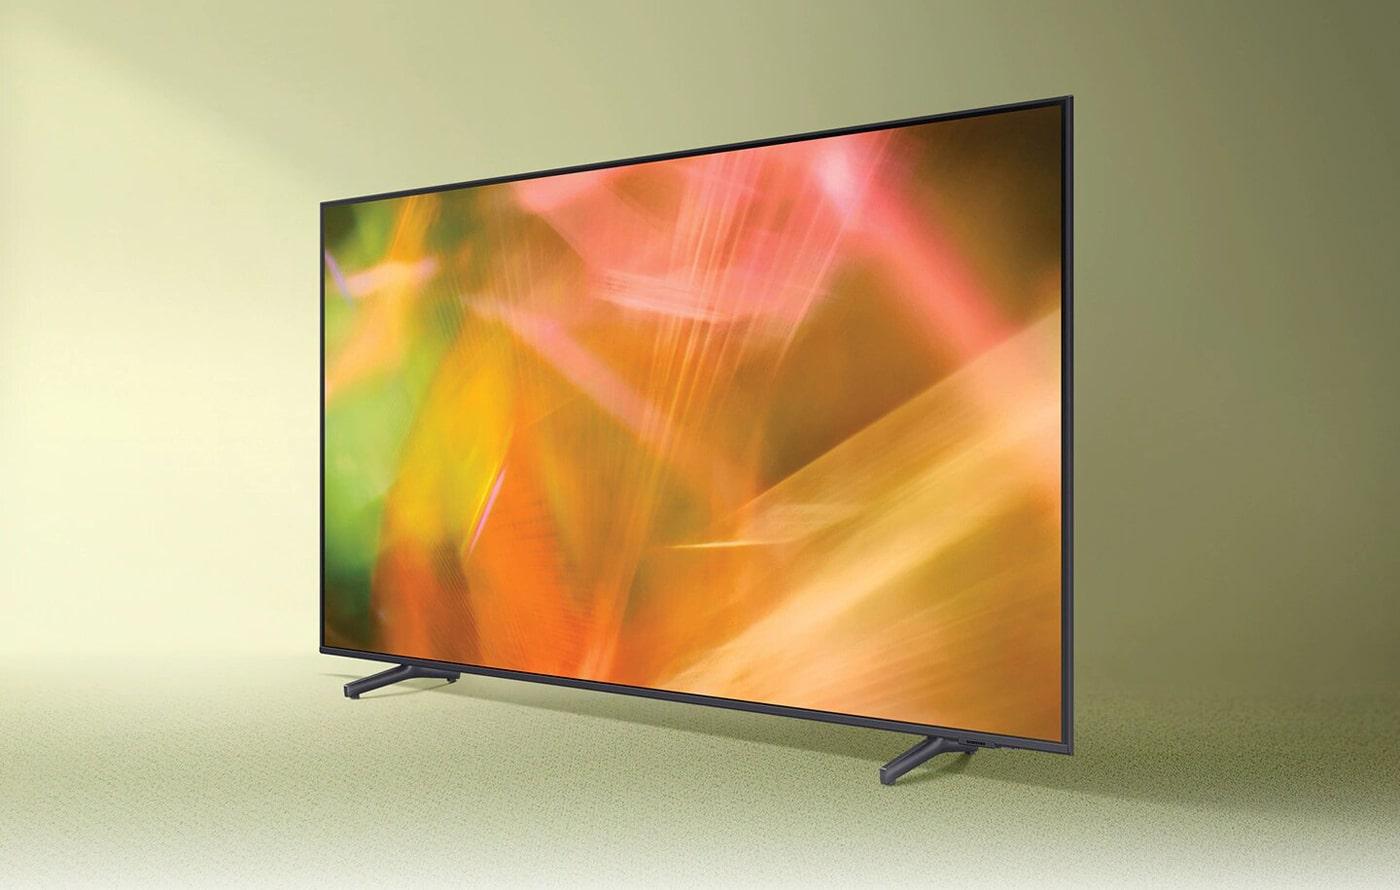 تلویزیون سامسونگ 65AU8000 با کیفیت تصویر 4K و فناوری کریستال